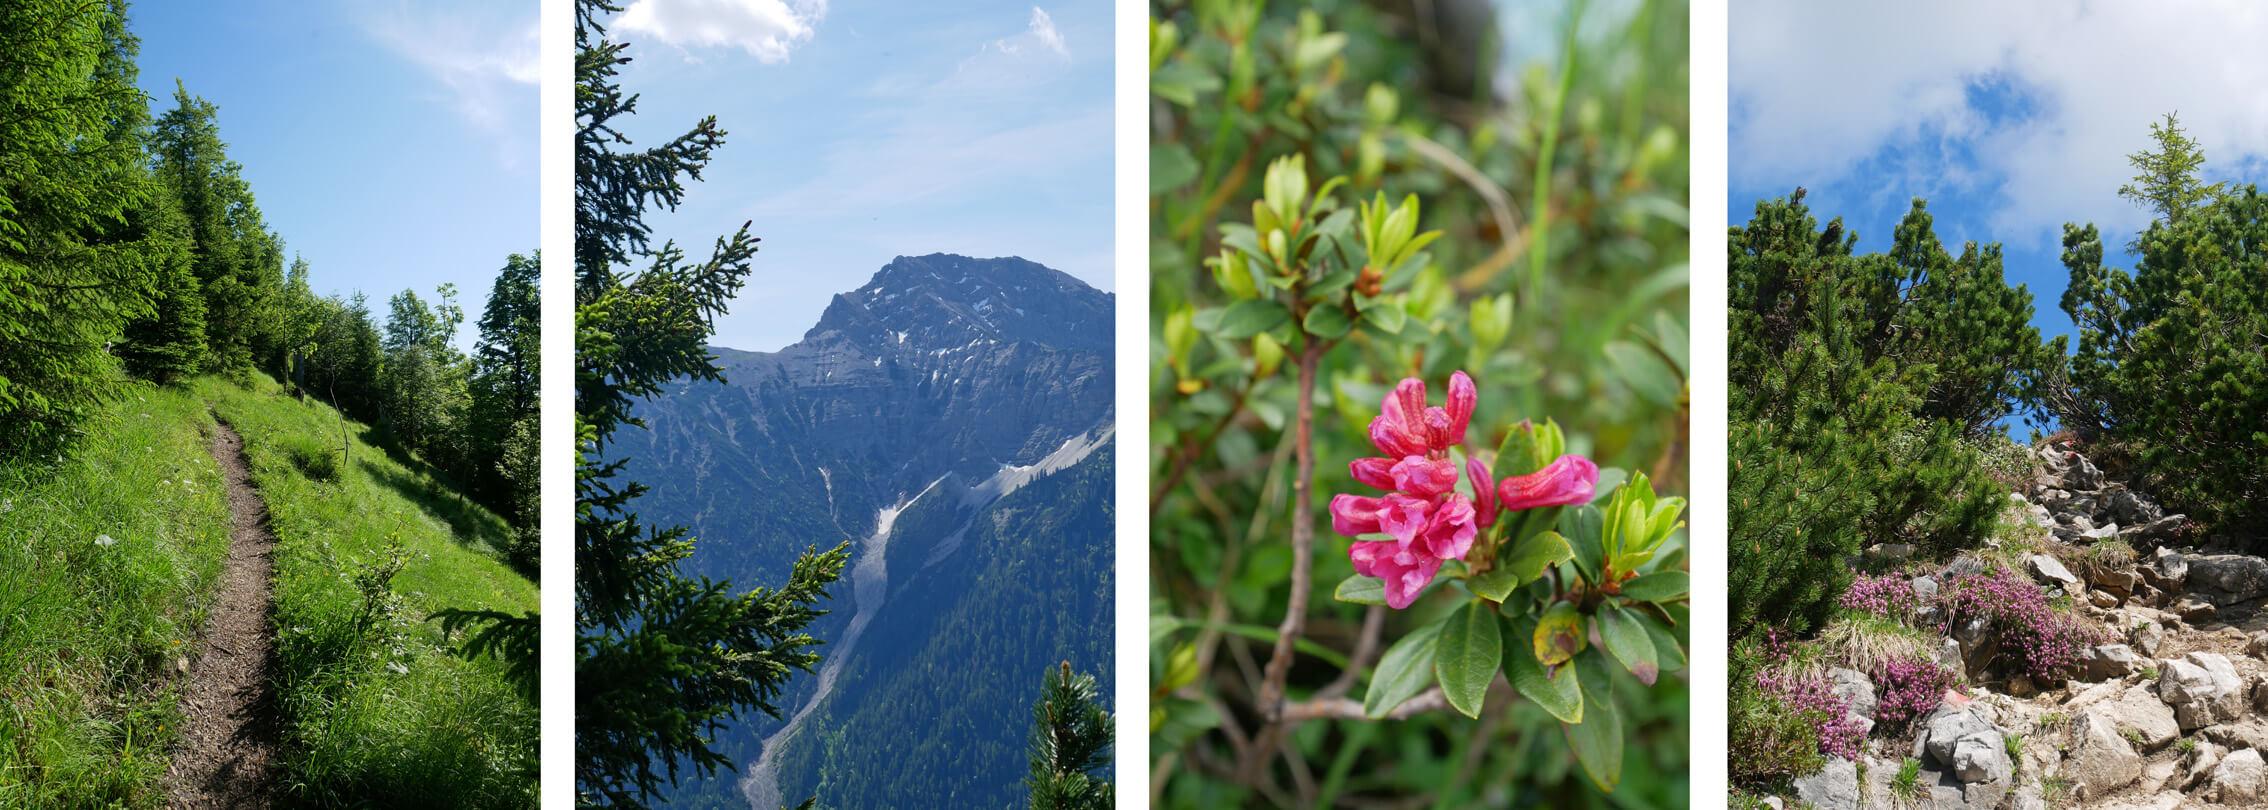 Scheinbergspitze Wanderung